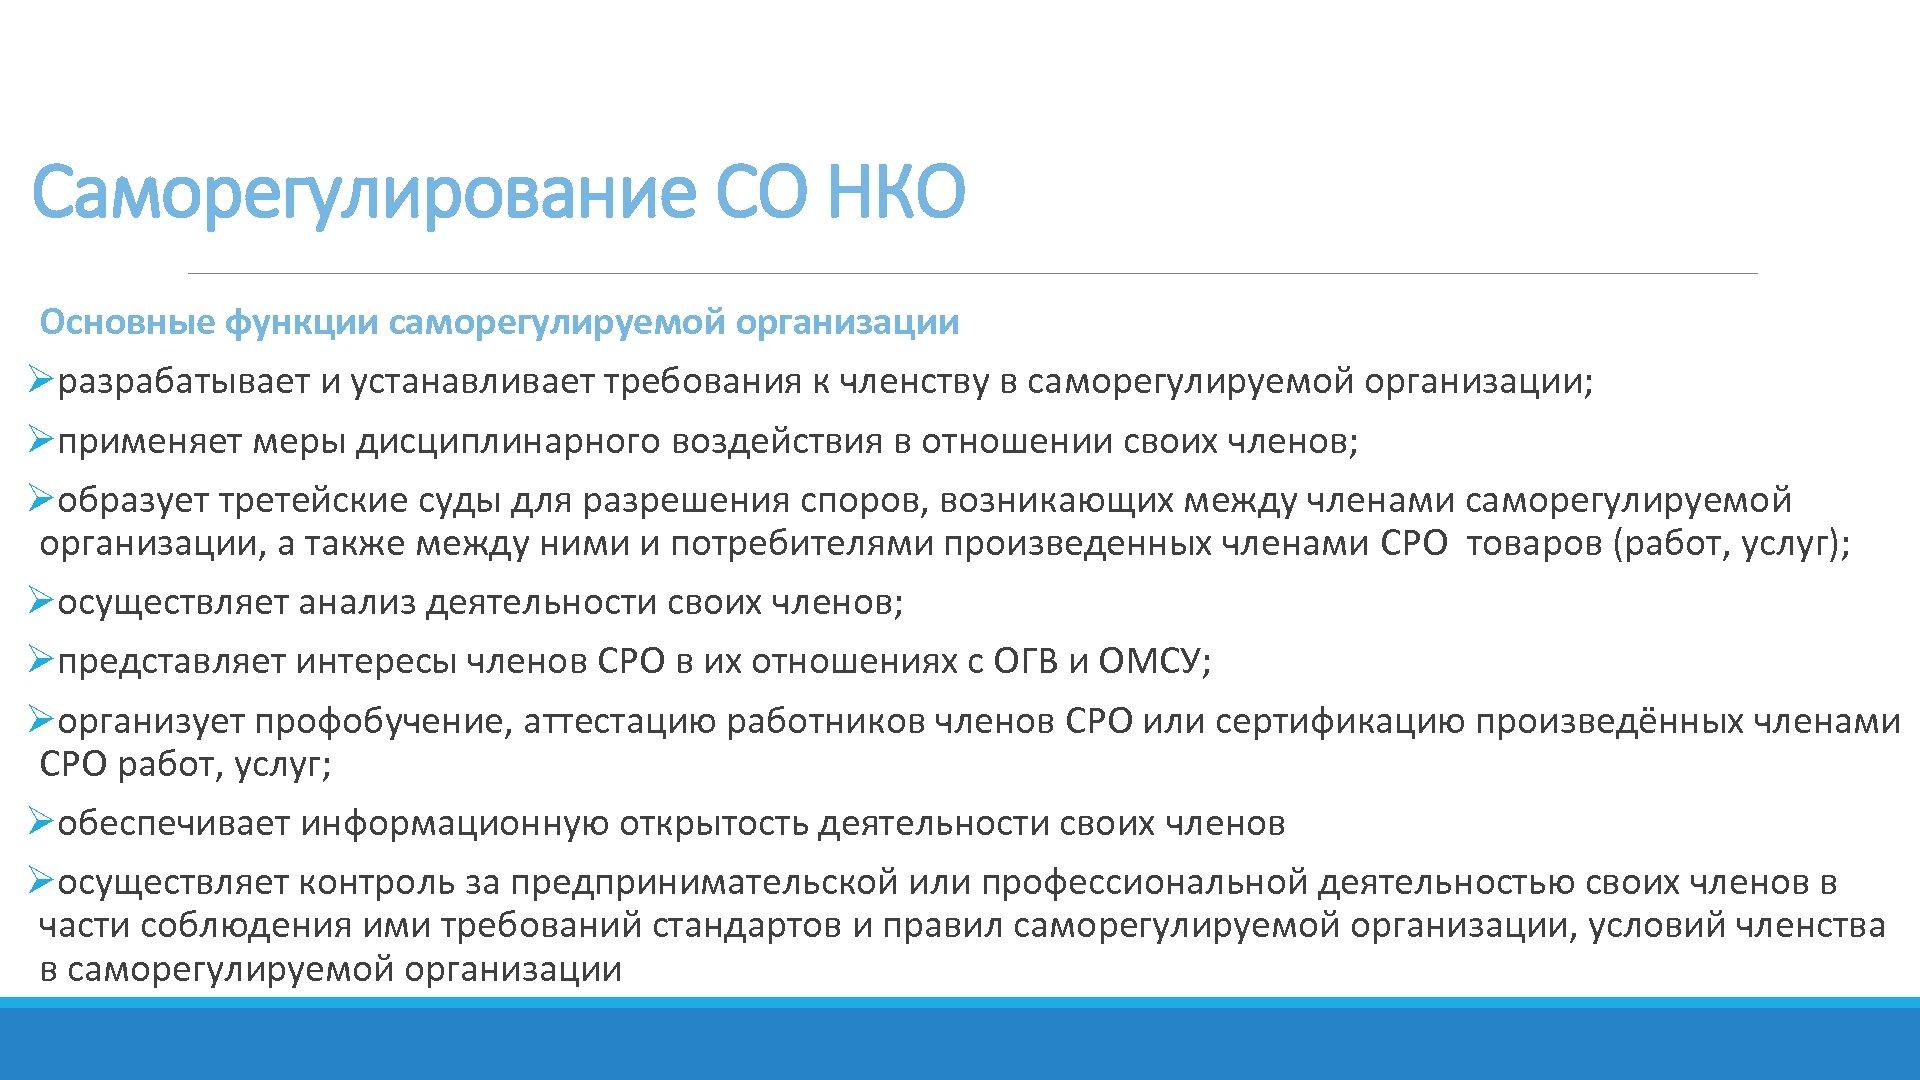 Саморегулирование СО НКО Основные функции саморегулируемой организации Øразрабатывает и устанавливает требования к членству в